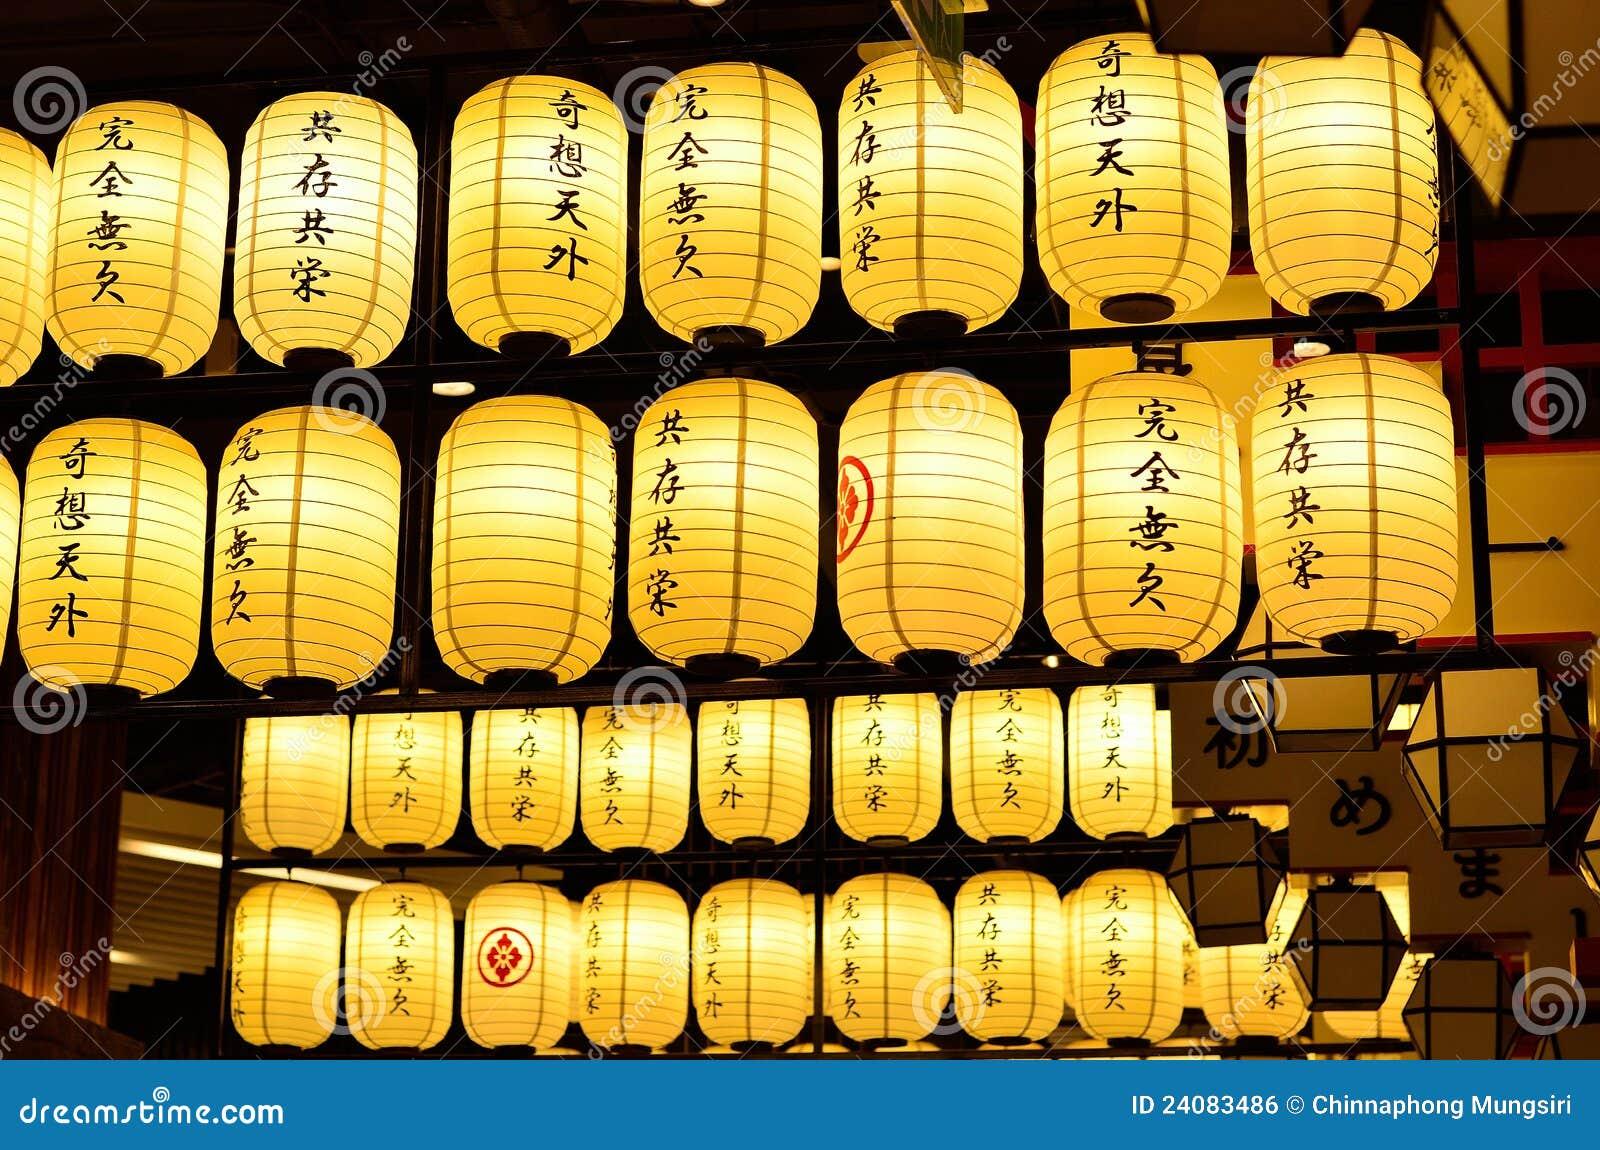 Lampion Japonais Image libre de droits  Image 24083486